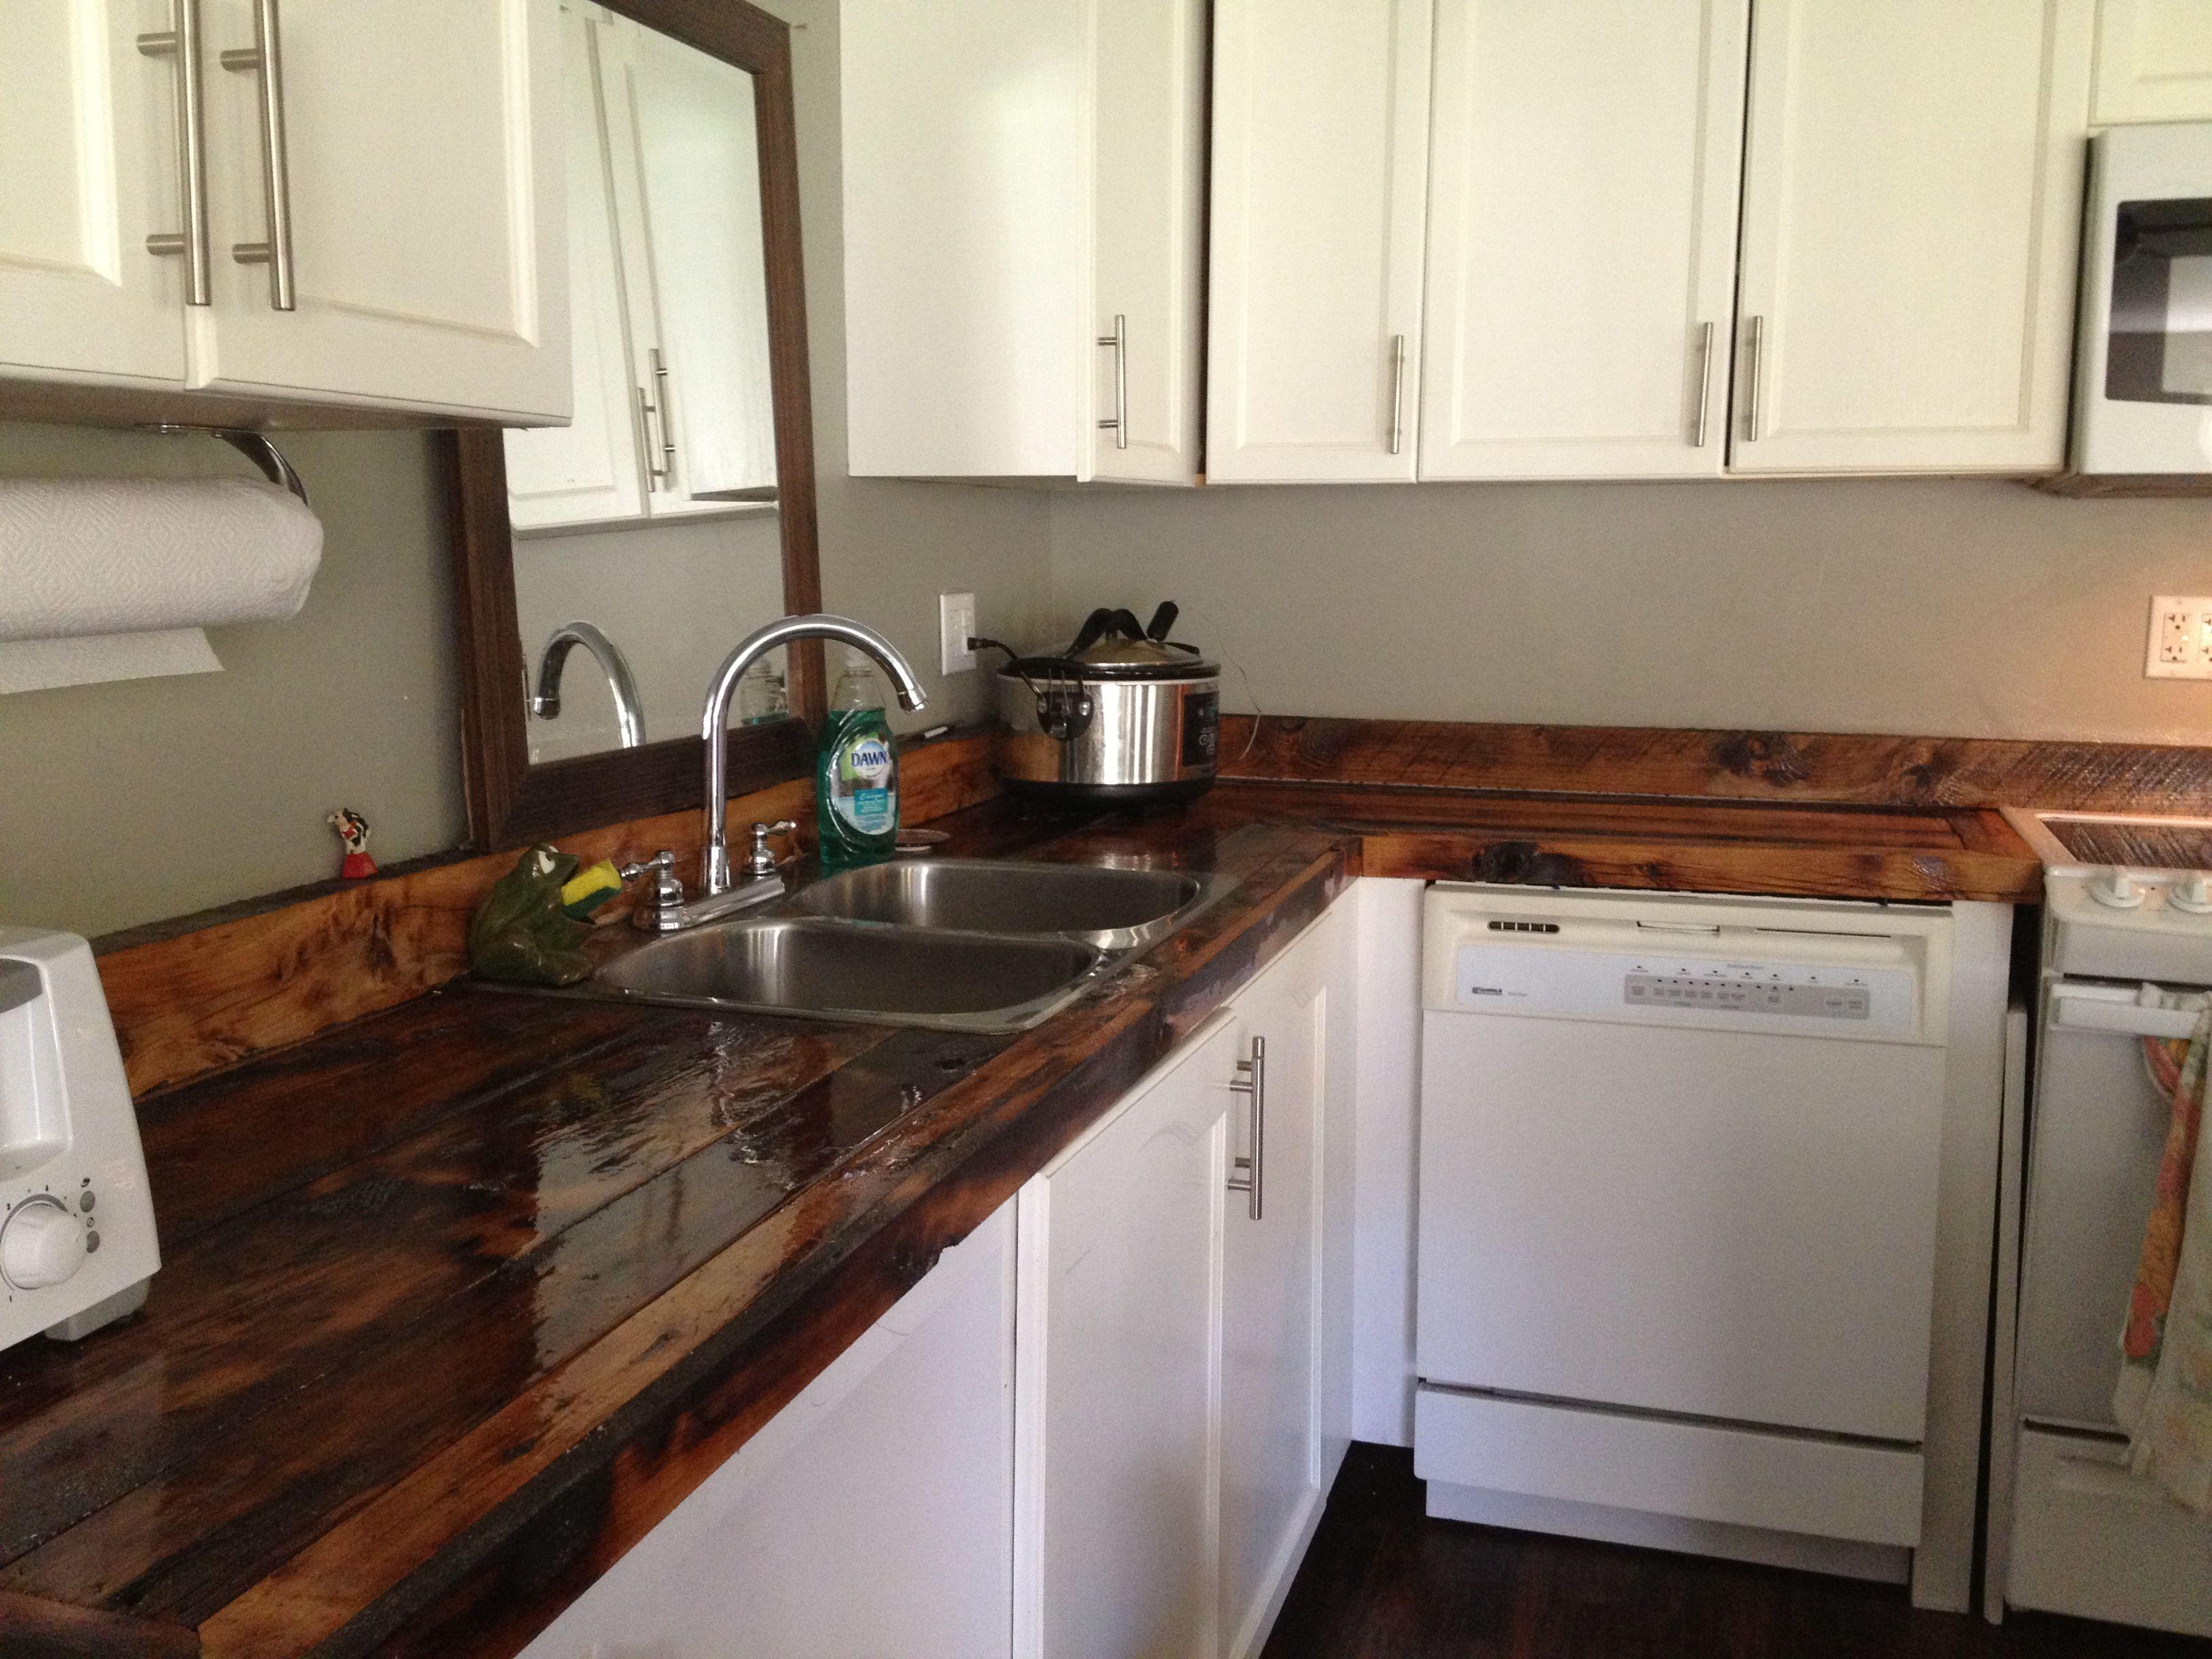 DIY barn board counter tops | Refinish kitchen cabinets ...